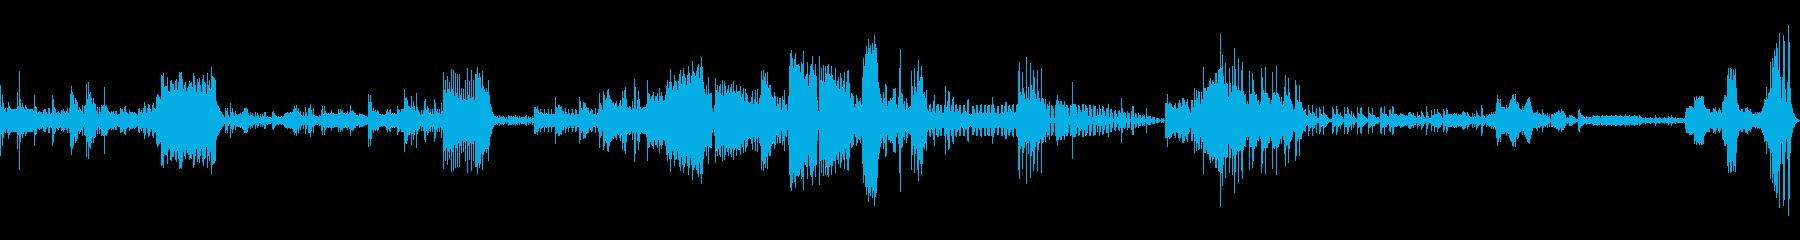 ドラム@ヤナーチェク シンフォニエッタ2の再生済みの波形